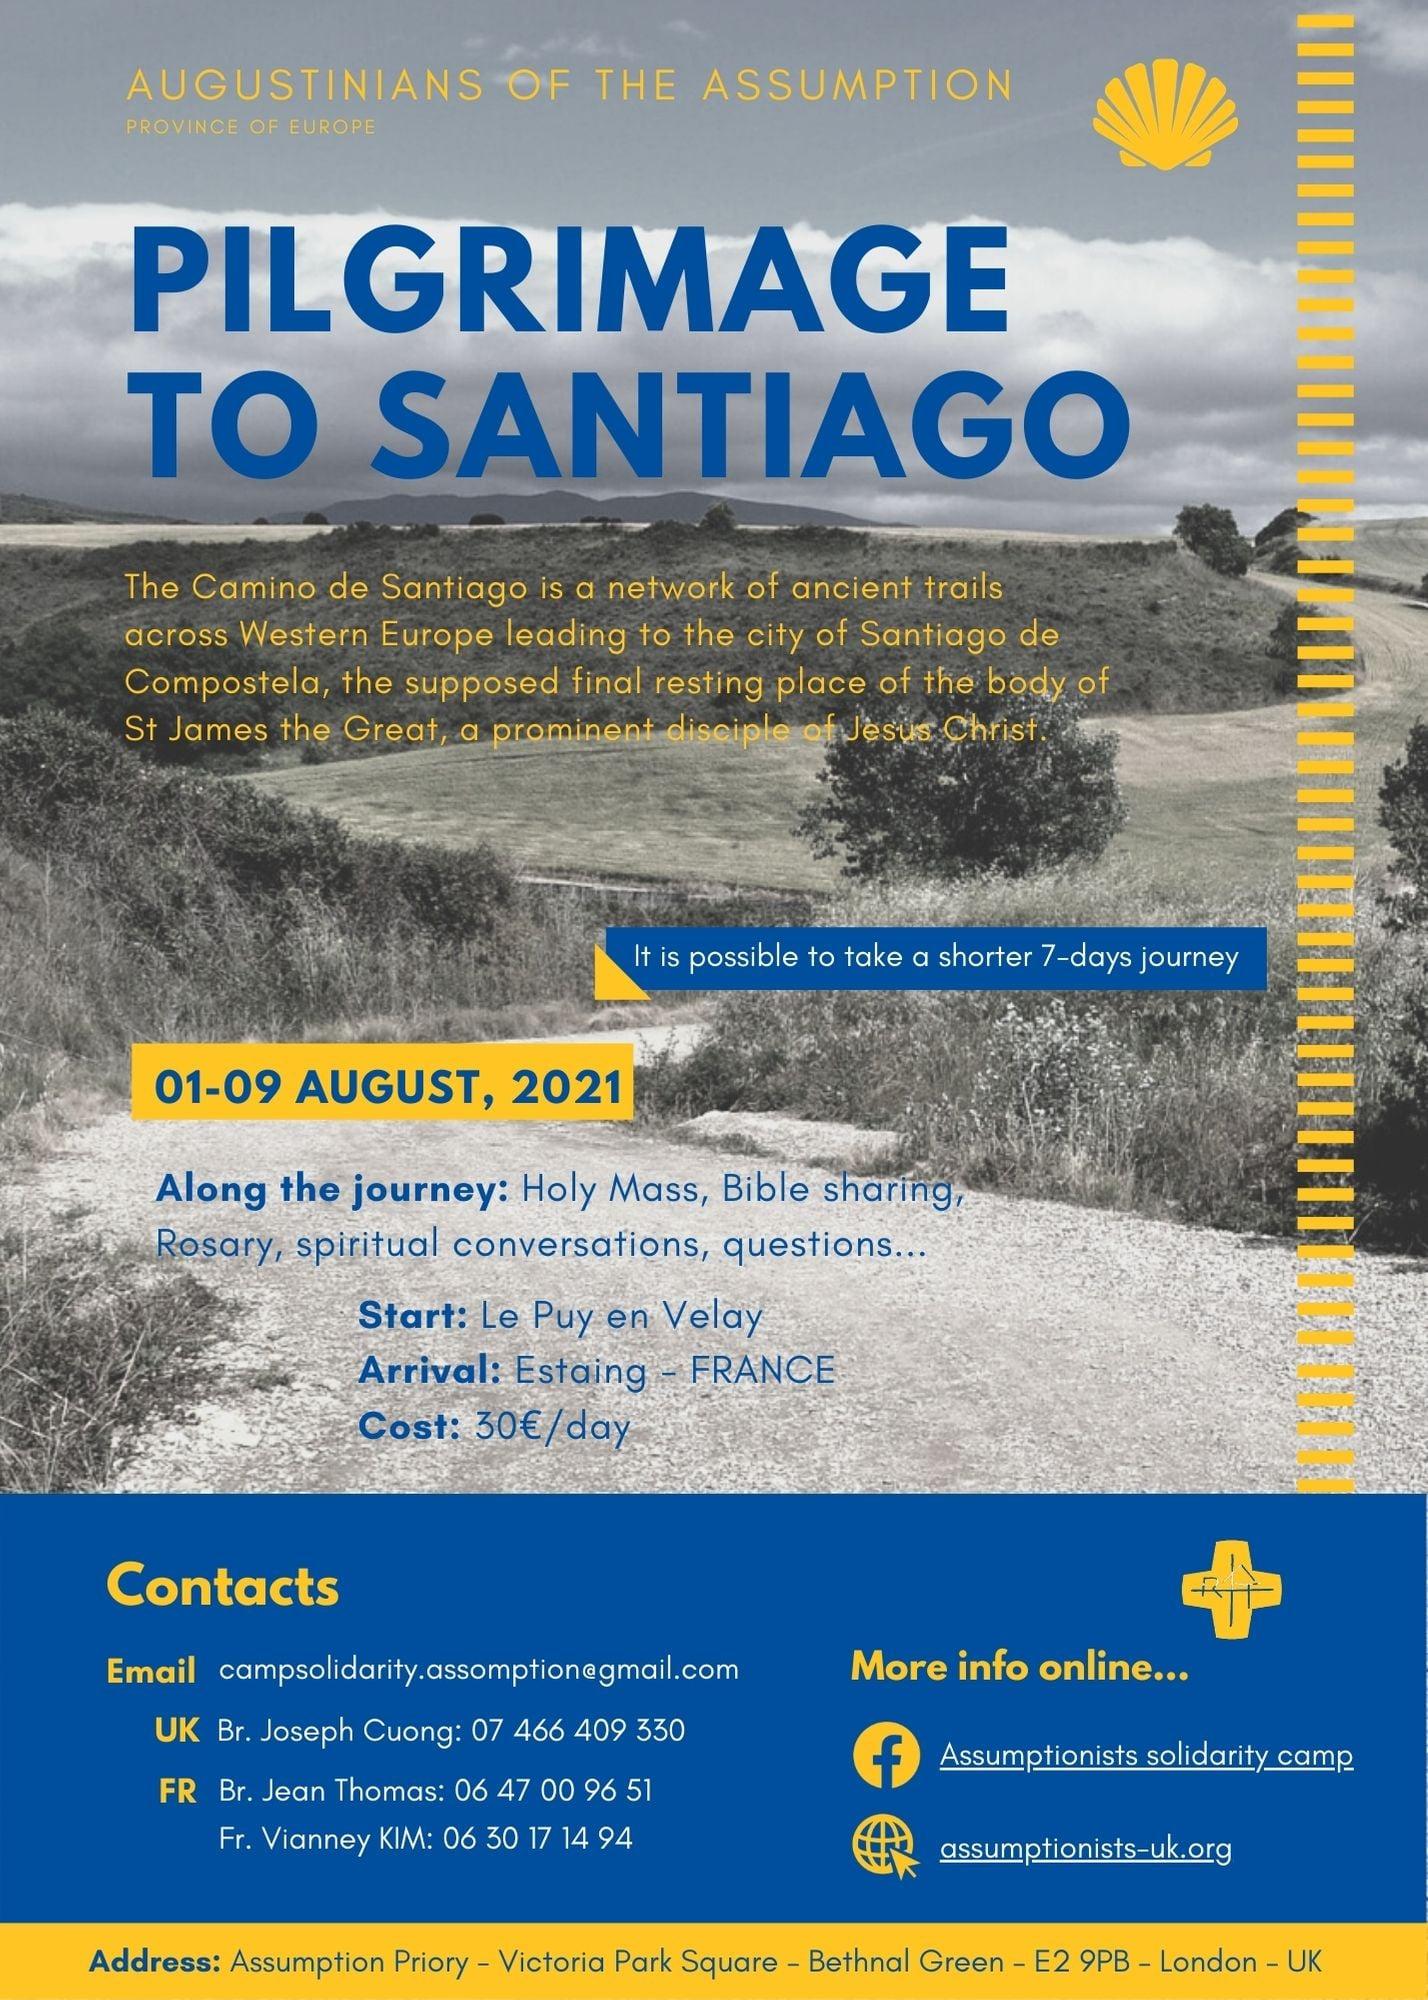 Camino de Santiago 2021